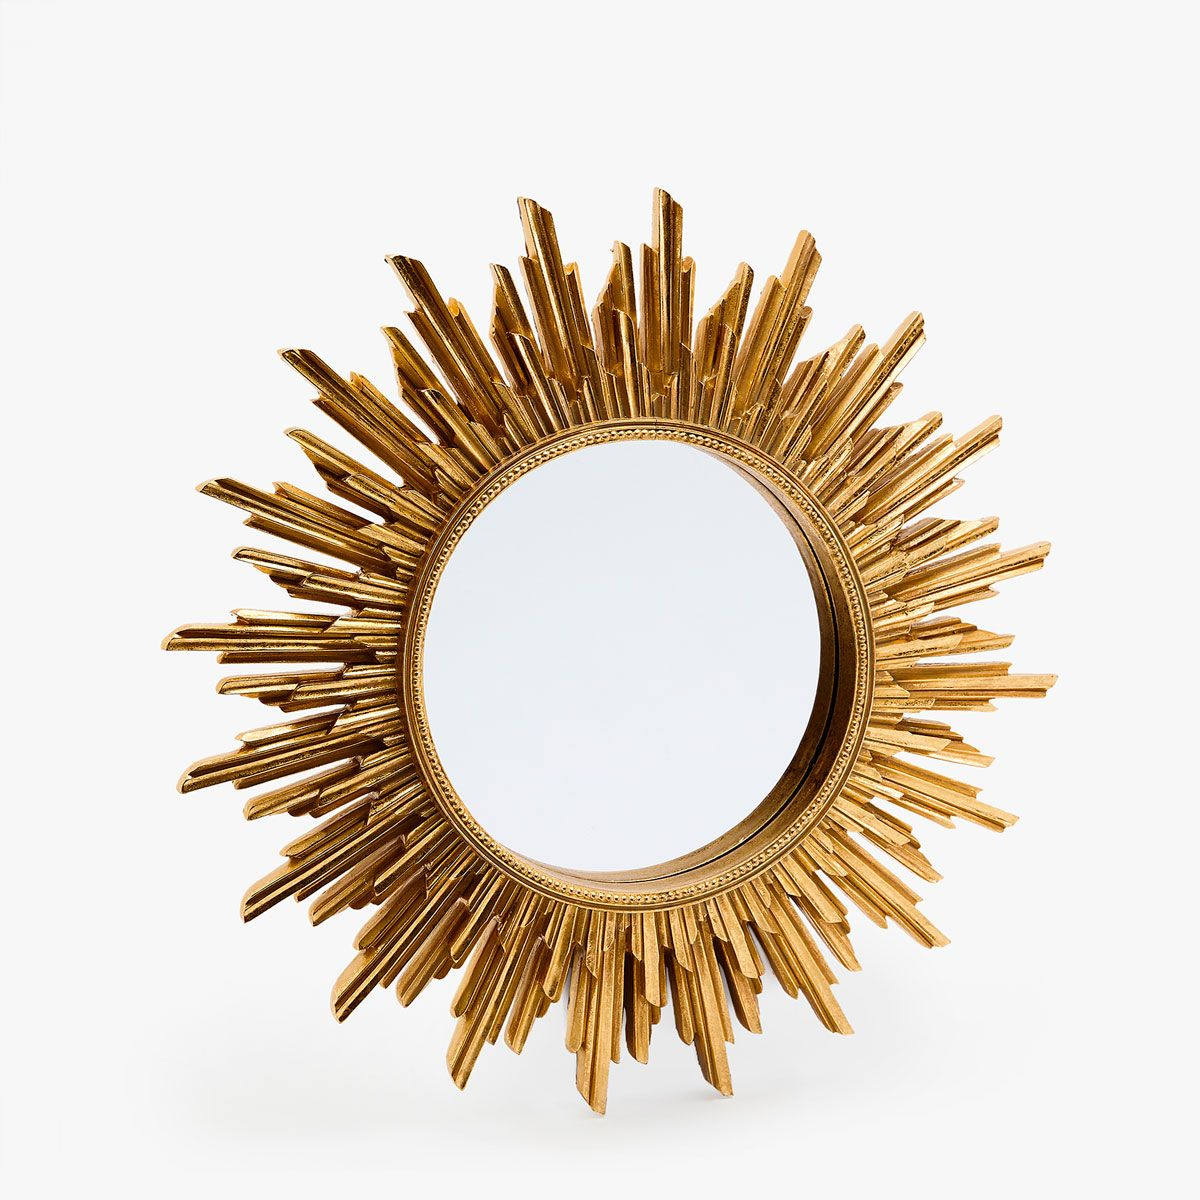 Imagen 1 del producto espejo forma sol new home deco for Espejos decorativos con forma de sol